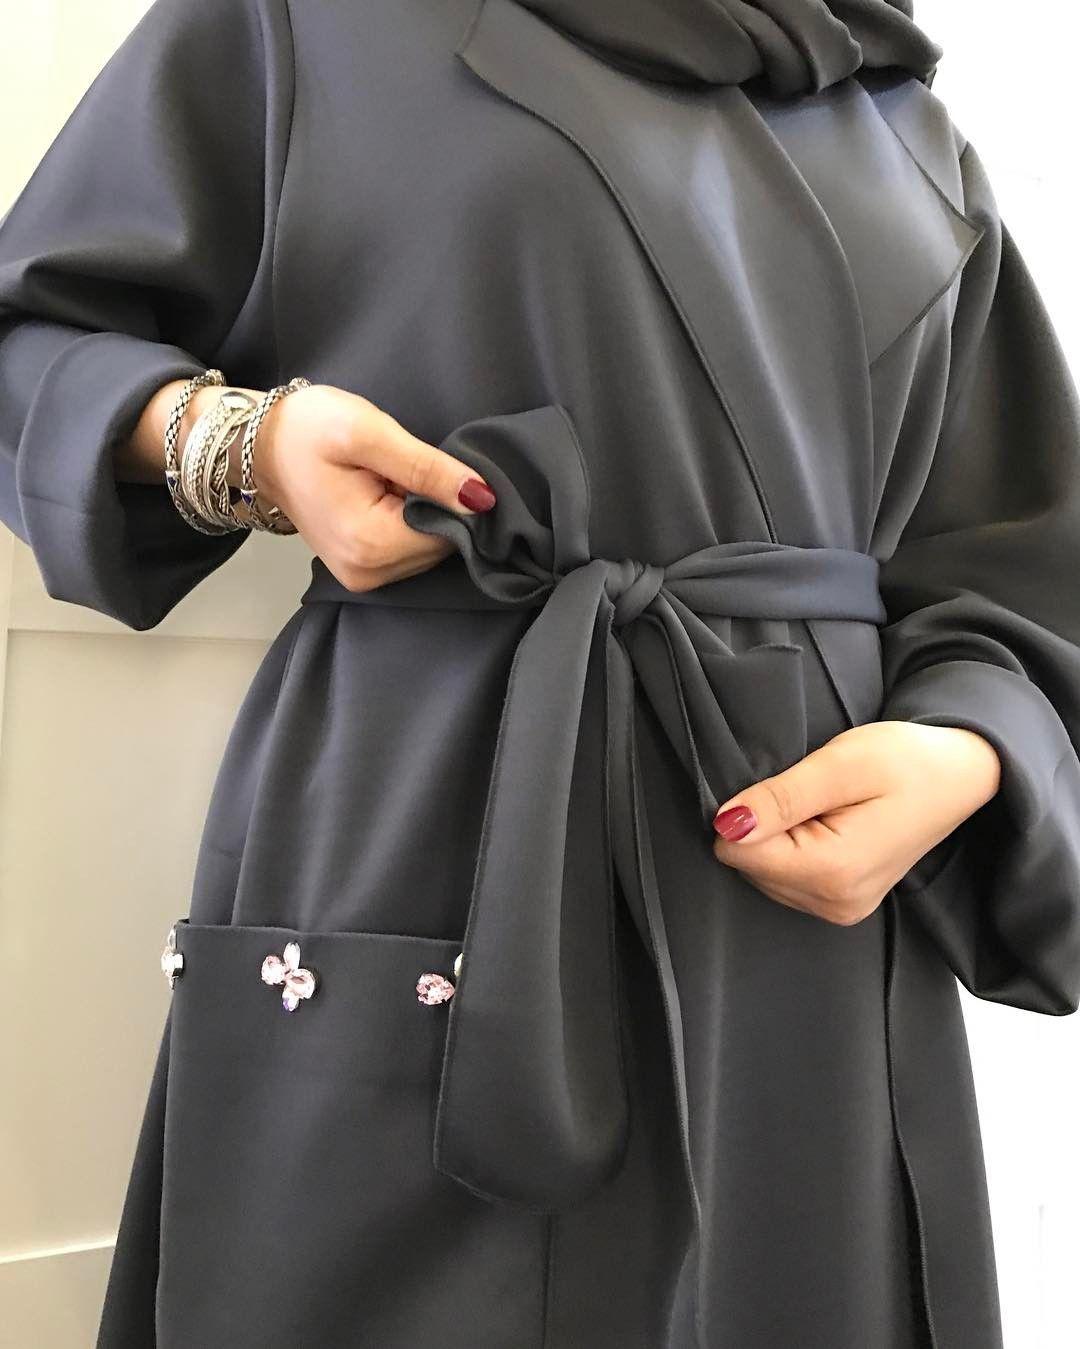 عباية سوارفسكي لون رمادي الحزام اختياري العبايه تنلبس بحزام أو بدون القماش صيفي متوفر جميع المقاسات للطلب دايركت مسج Abayas Fashion Fashion Hijabista Fashion